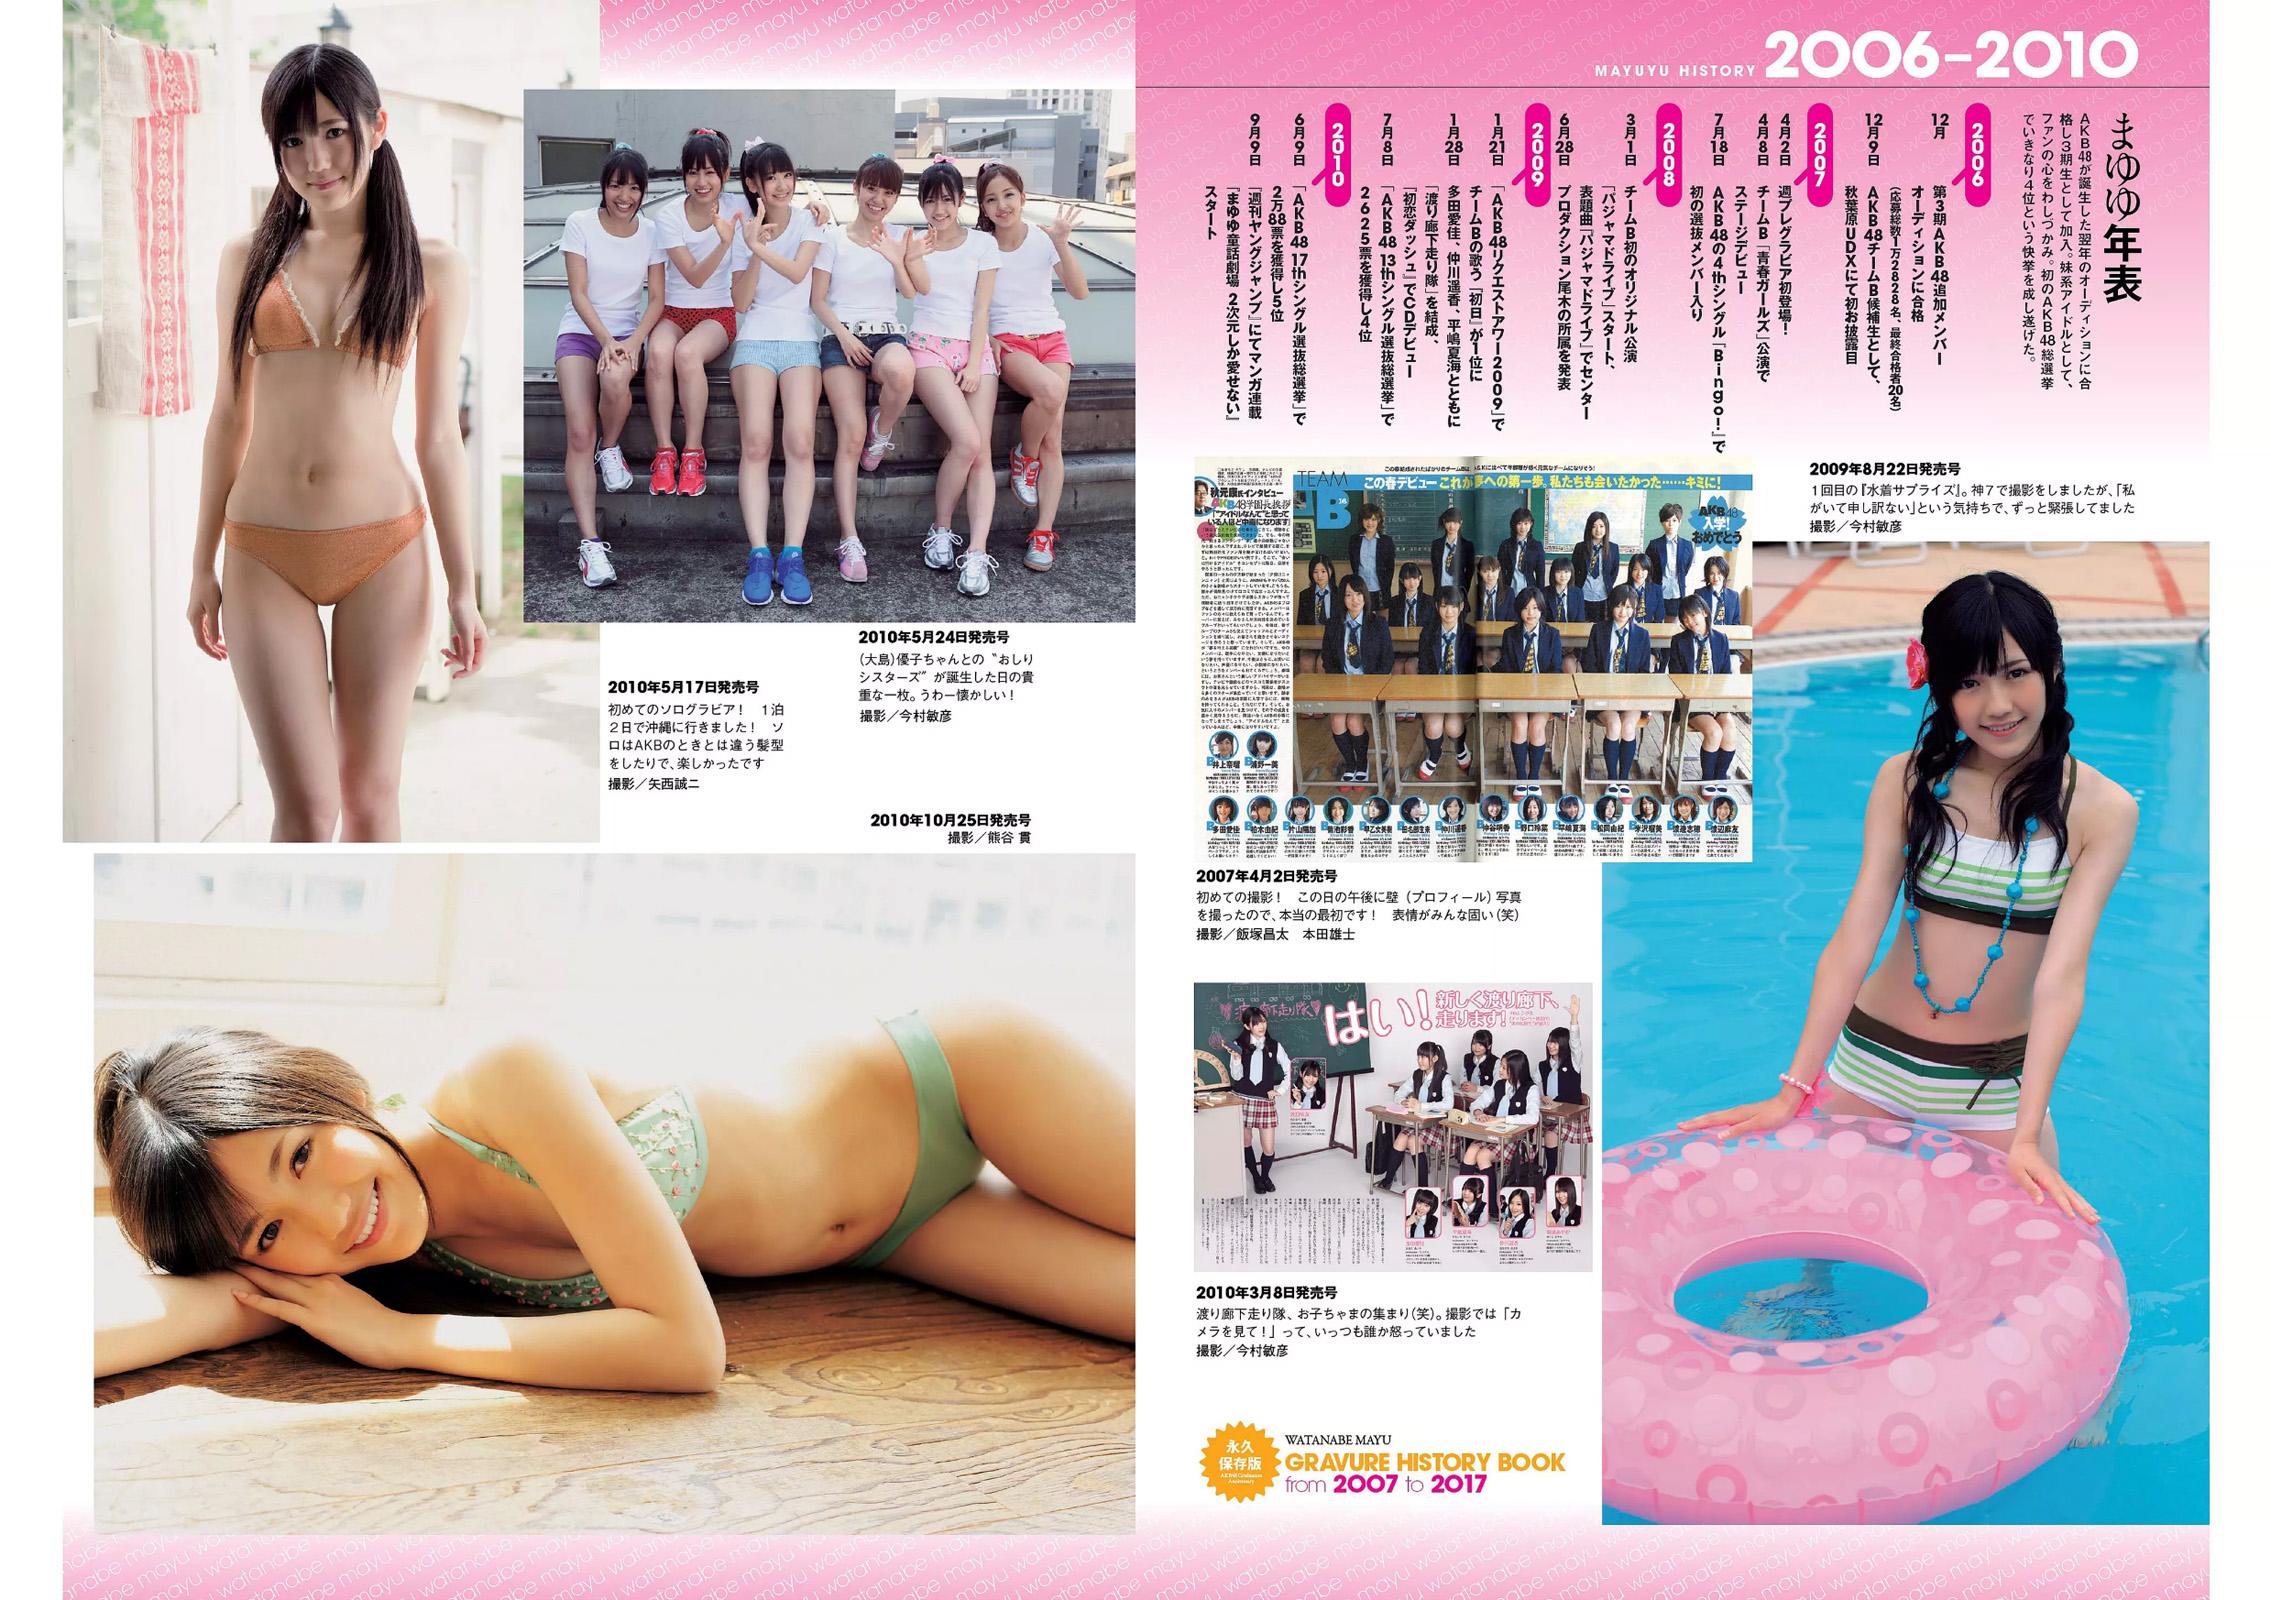 Weekly Playboy Magazine